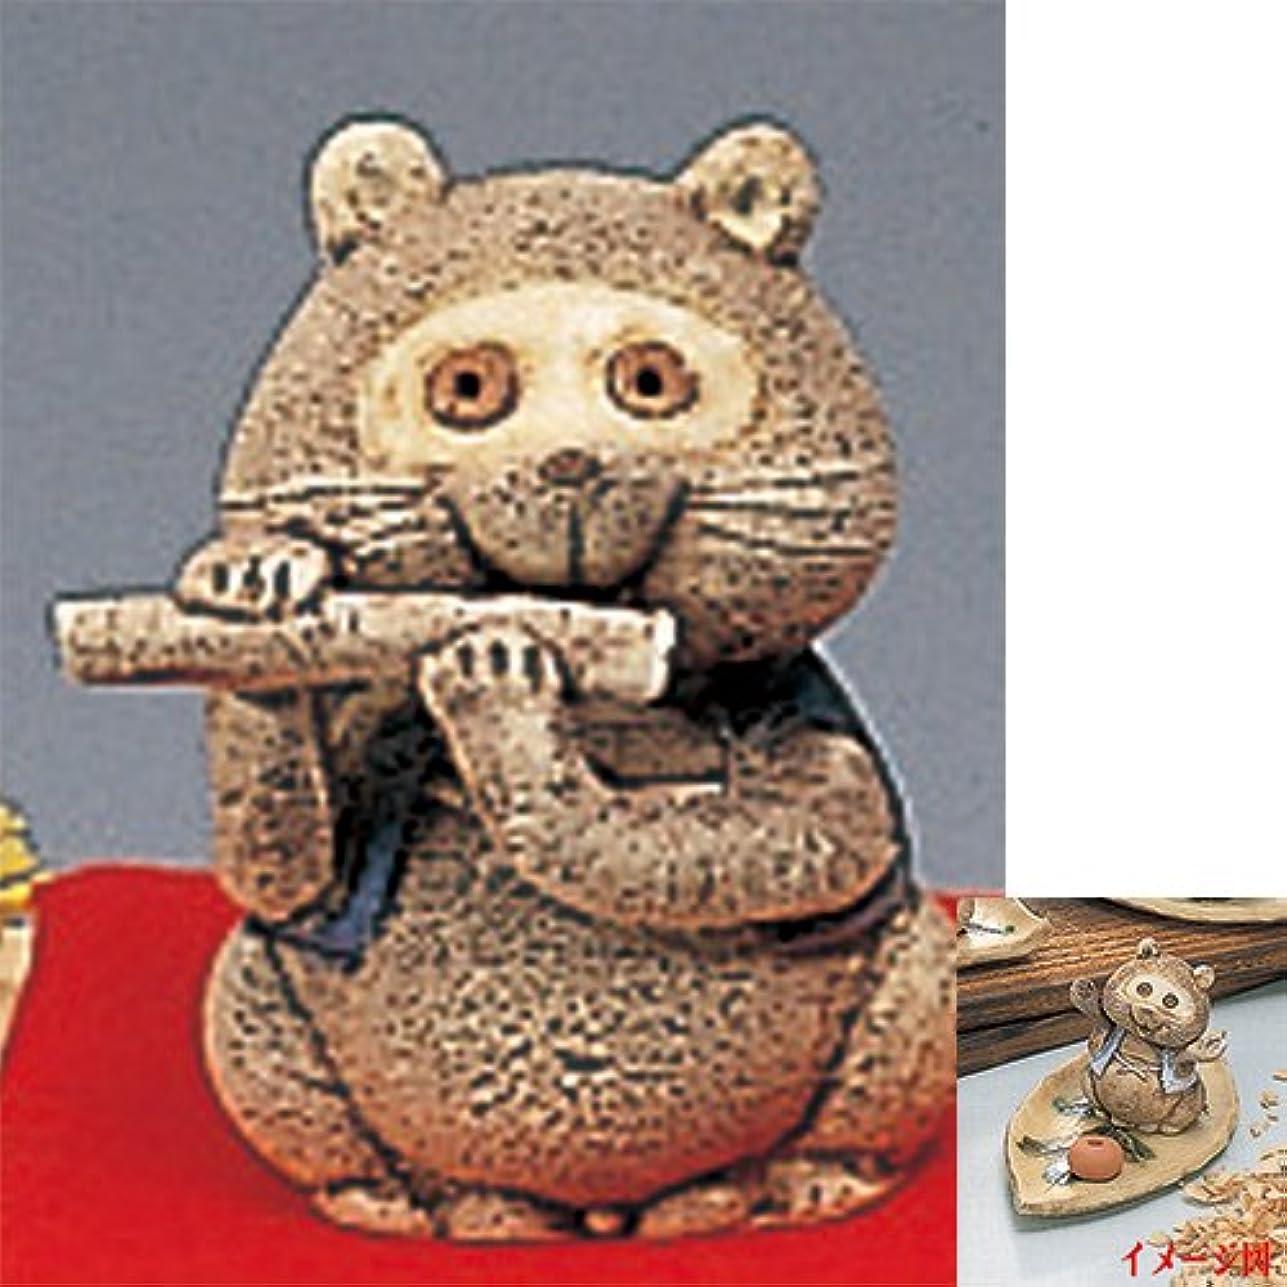 ボイラー祝福する一次香皿 たぬき葉型香皿(笛) [H6.7cm] HANDMADE プレゼント ギフト 和食器 かわいい インテリア